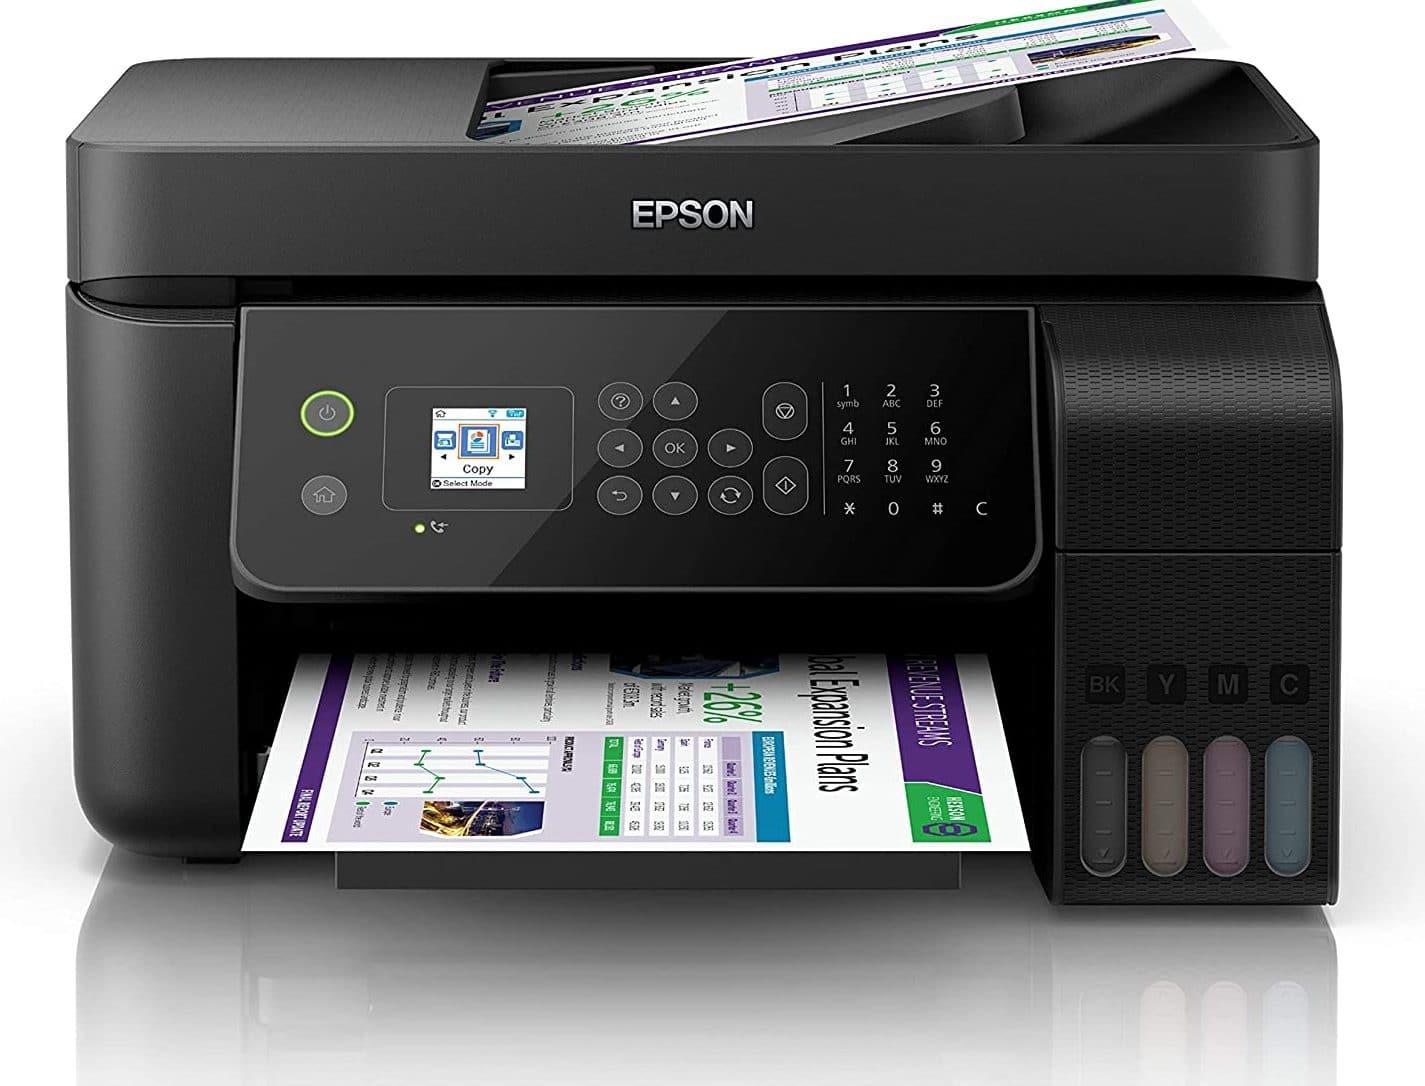 Epson EcoTank ET-4700 A4 Print Scan Copy Fax Wi-Fi Printer, Black uk reviews